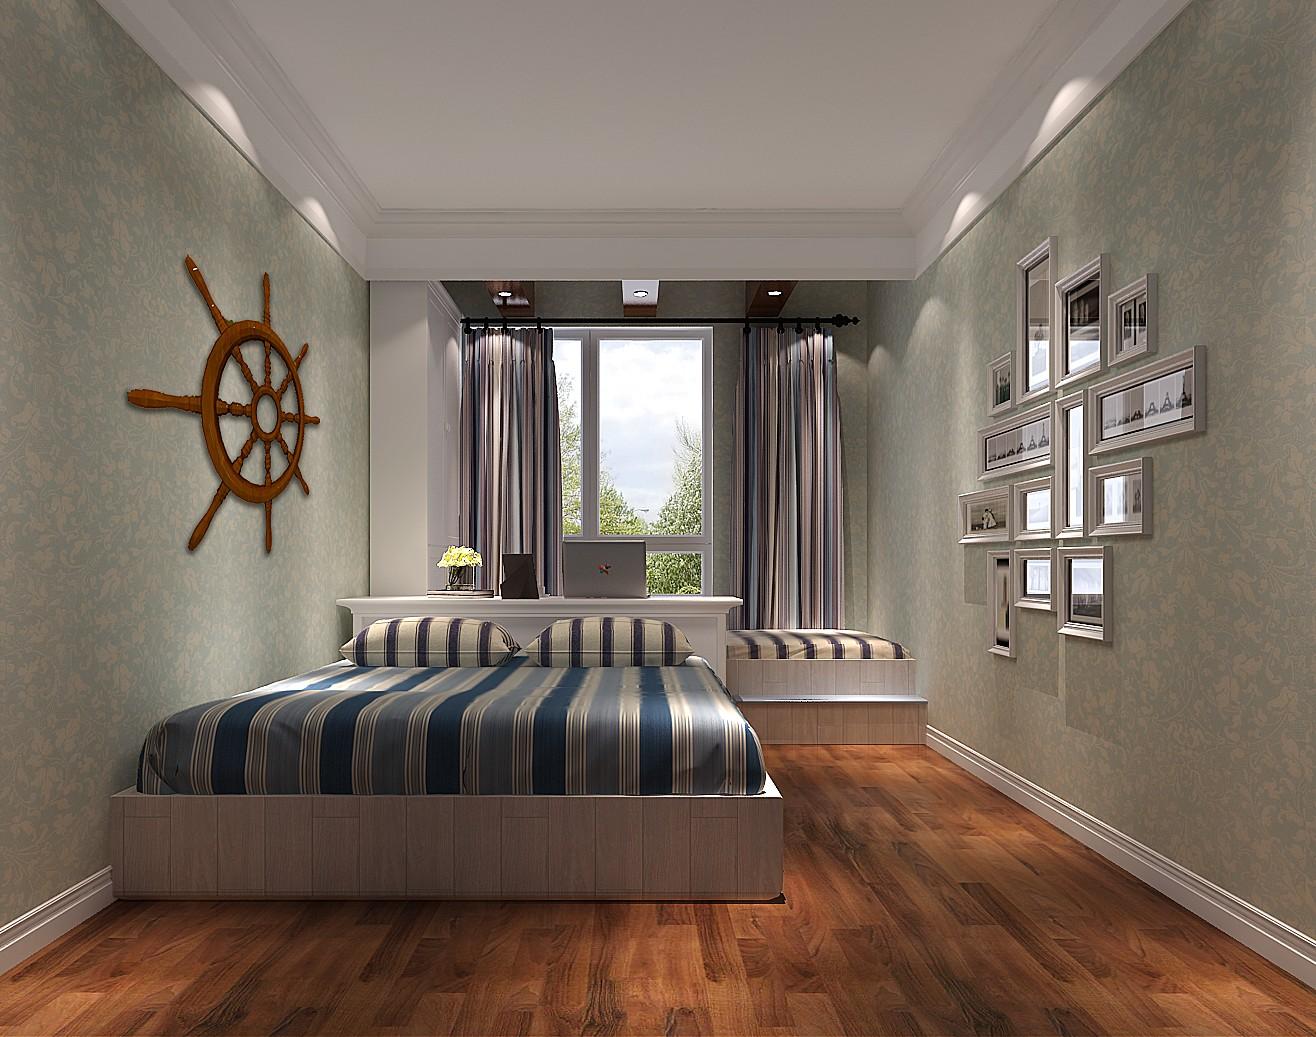 高度国际 长滩壹号 田园 公寓 卧室图片来自高度国际在高度国际-168平米田园风的分享